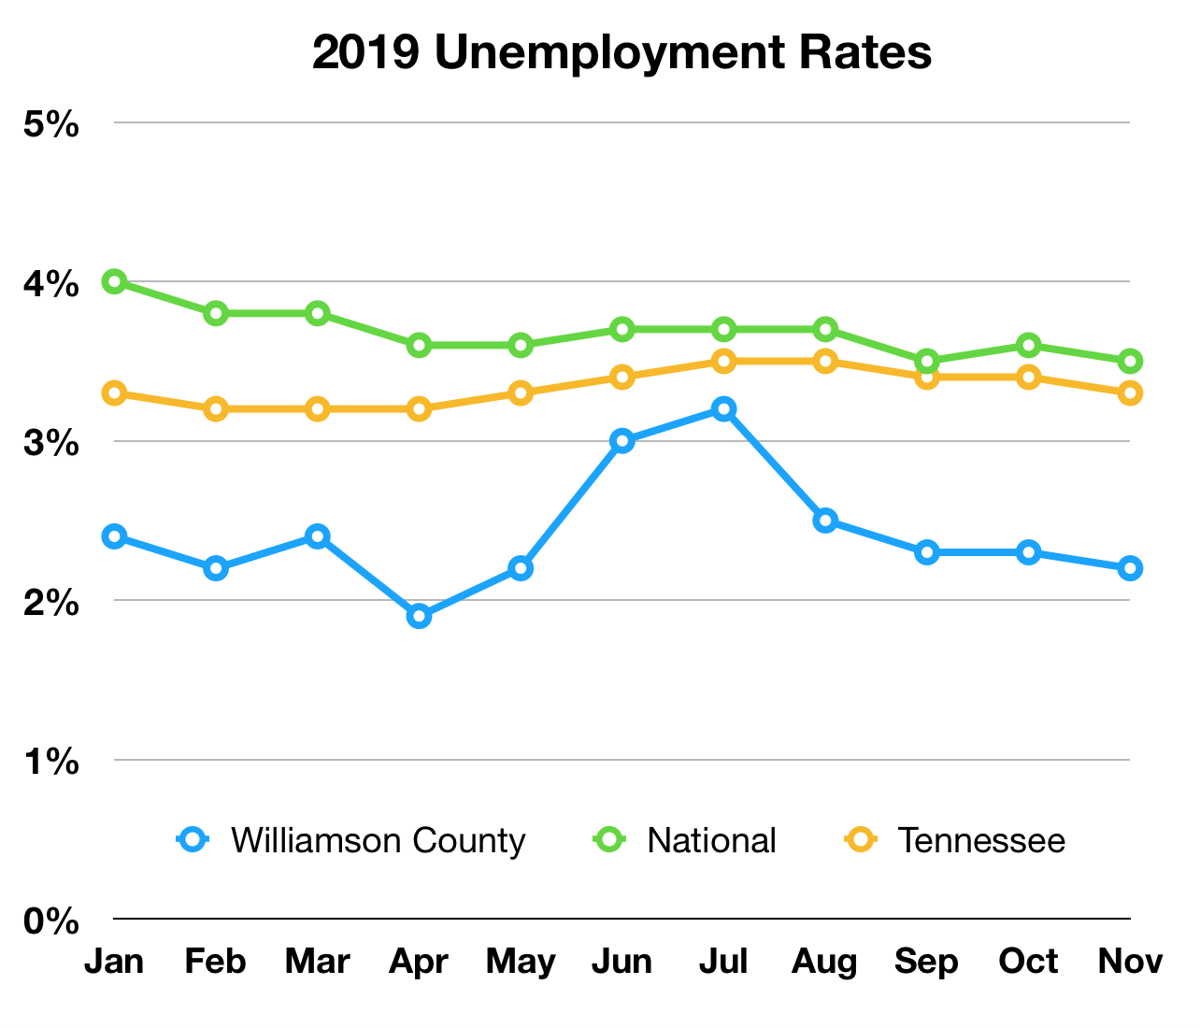 2019 Unemployment Rates